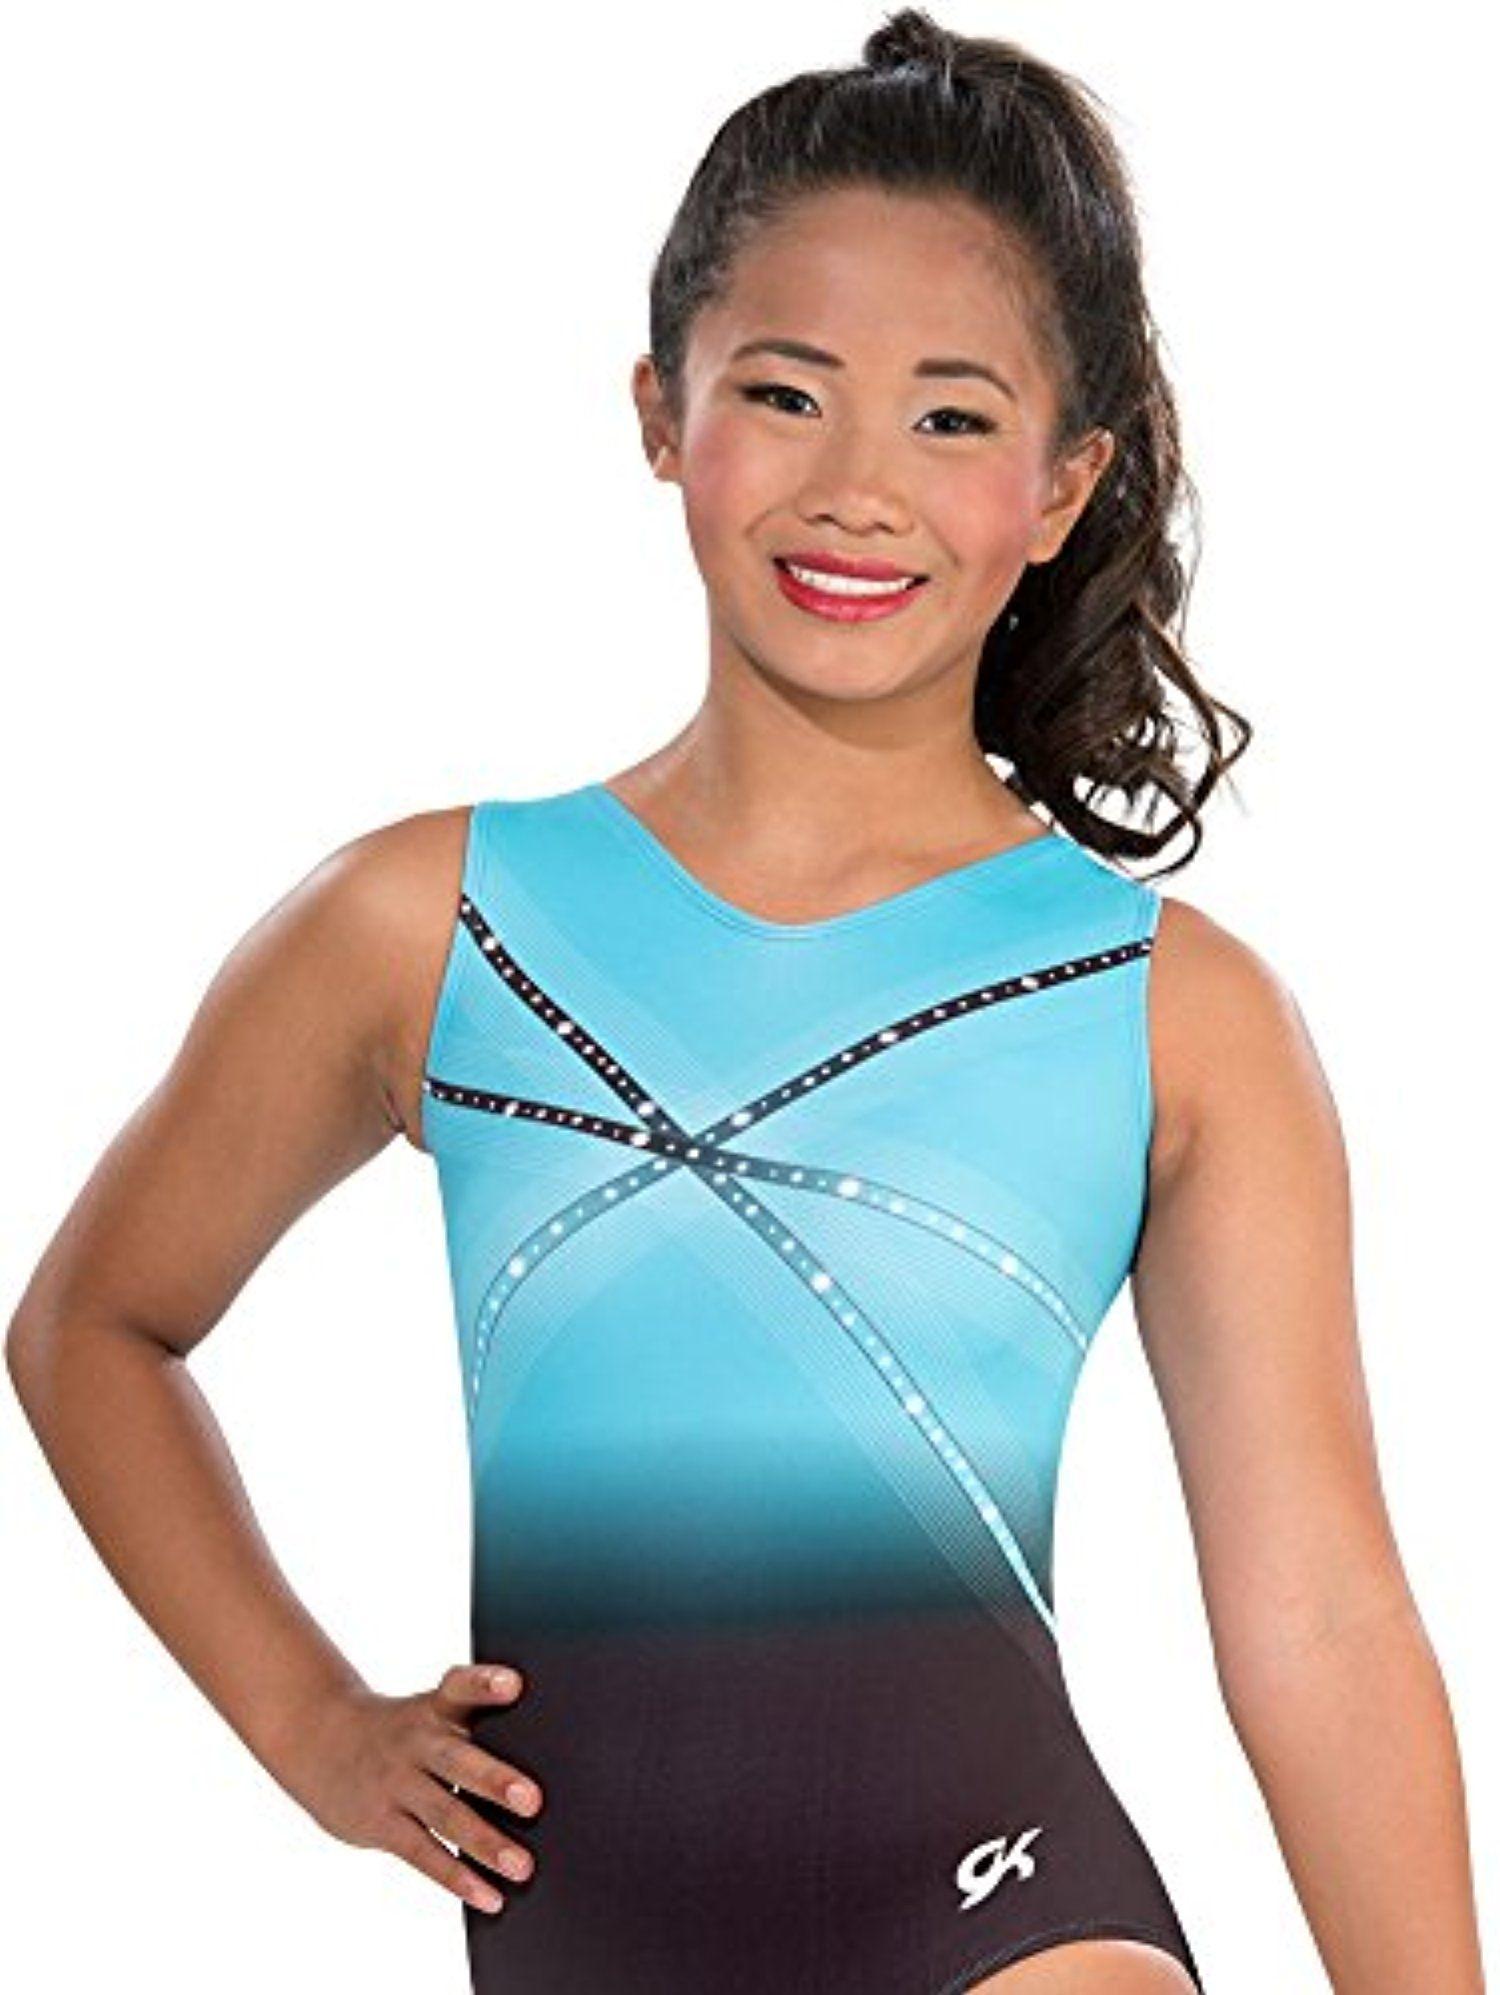 GK Glitz & Glam Gymnastics Leotard -- Awesome products ...